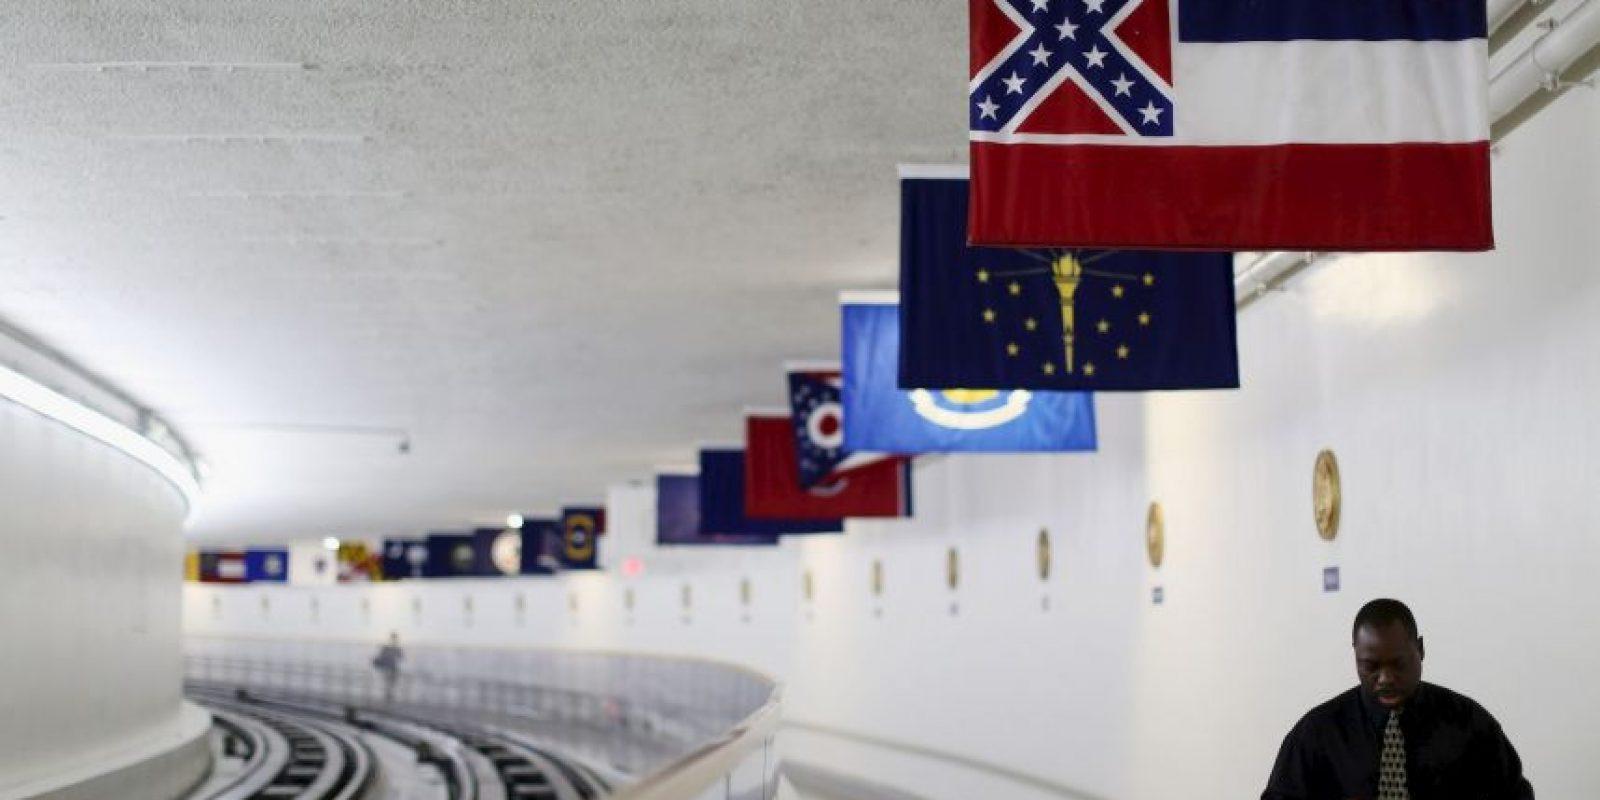 Estados Unidos tiene distintos estados que hacen referencia al emblema de la bandera. Foto:Getty Images